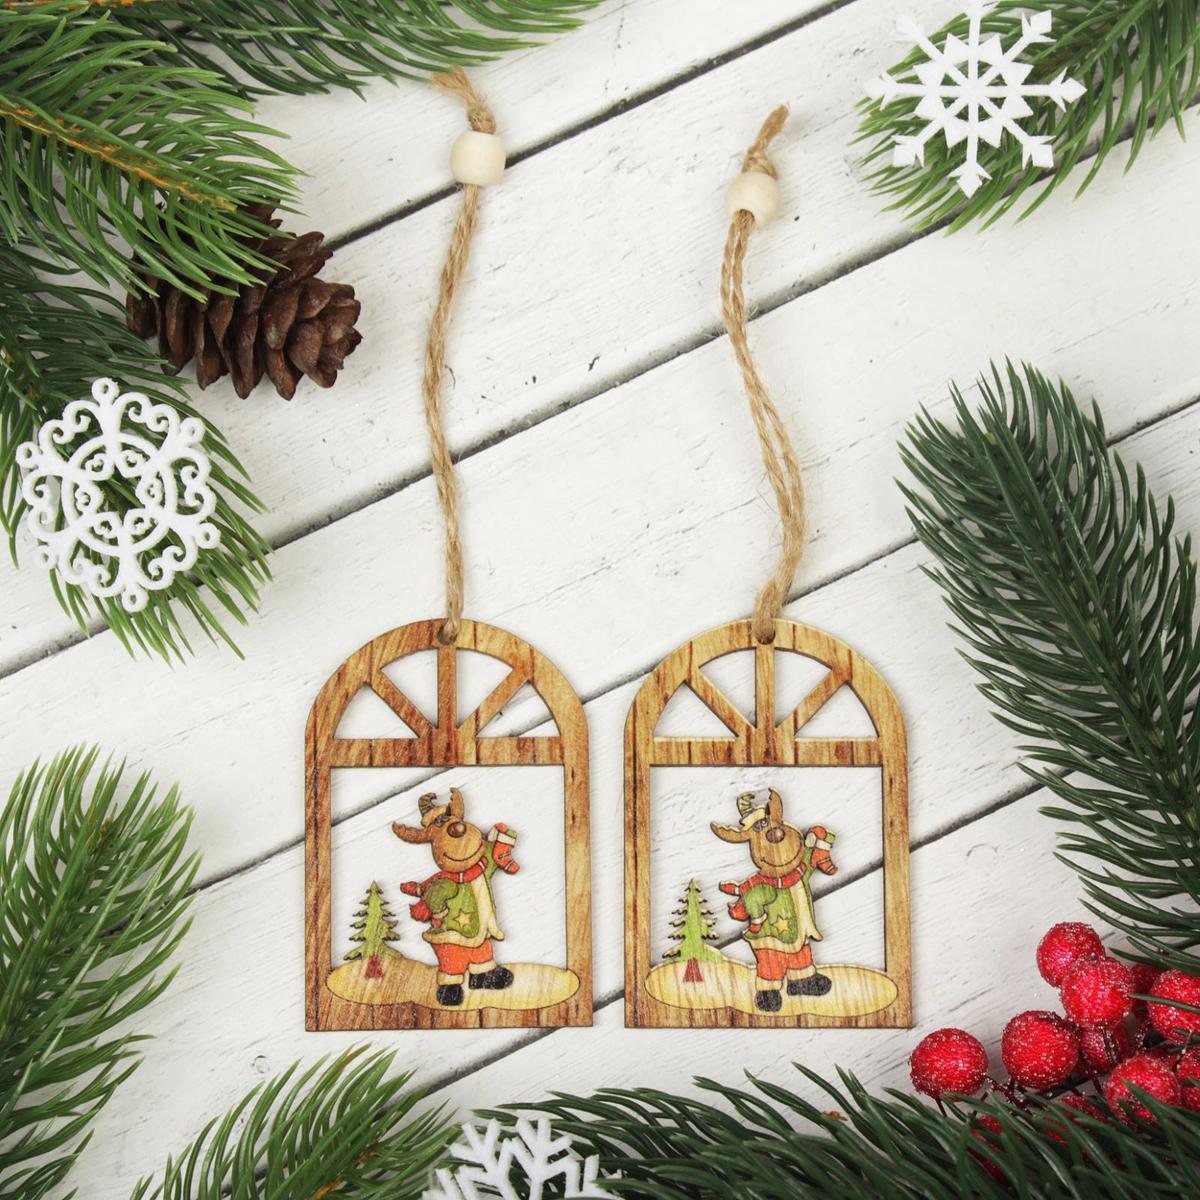 Новогоднее подвесное украшение Праздничный олень, 2 шт2303263Набор новогодних подвесных украшений, выполненных из дерева, отлично подойдет для декорации вашего дома и новогодней ели. С помощью специальной петельки украшение можно повесить в любом понравившемся вам месте. Но, конечно, удачнее всего оно будет смотреться на праздничной елке.Елочная игрушка - символ Нового года. Она несет в себе волшебство и красоту праздника. Такое украшение создаст в вашем доме атмосферу праздника, веселья и радости.В комплект 2 украшения.